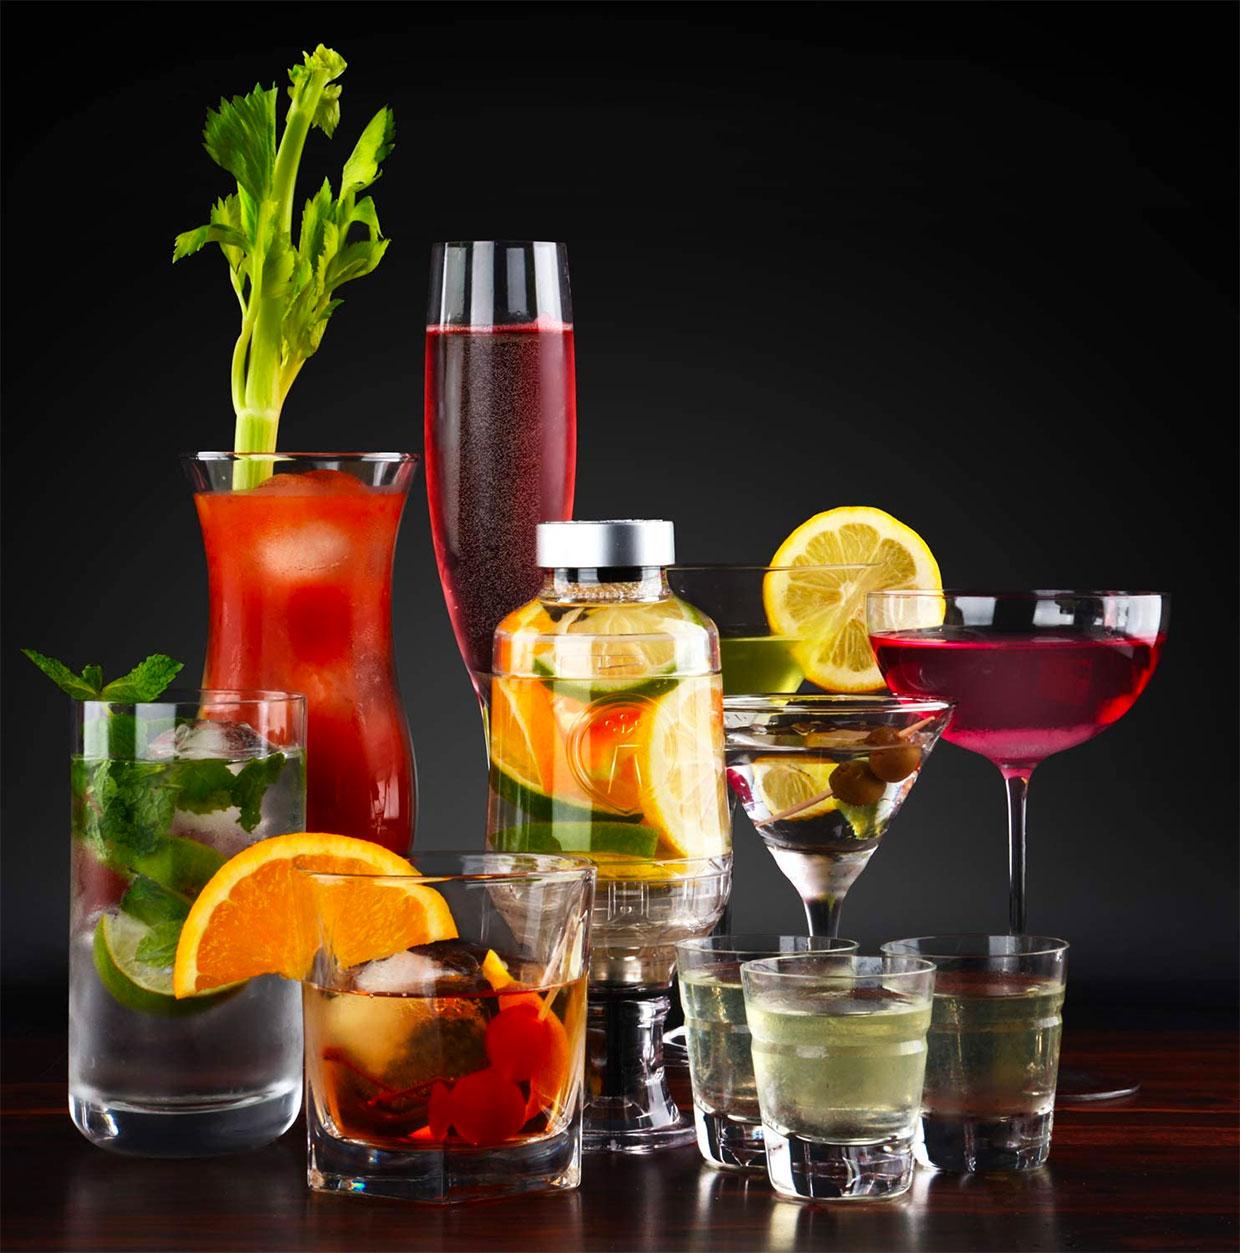 Prepara Tastemaker Liquor Infuser